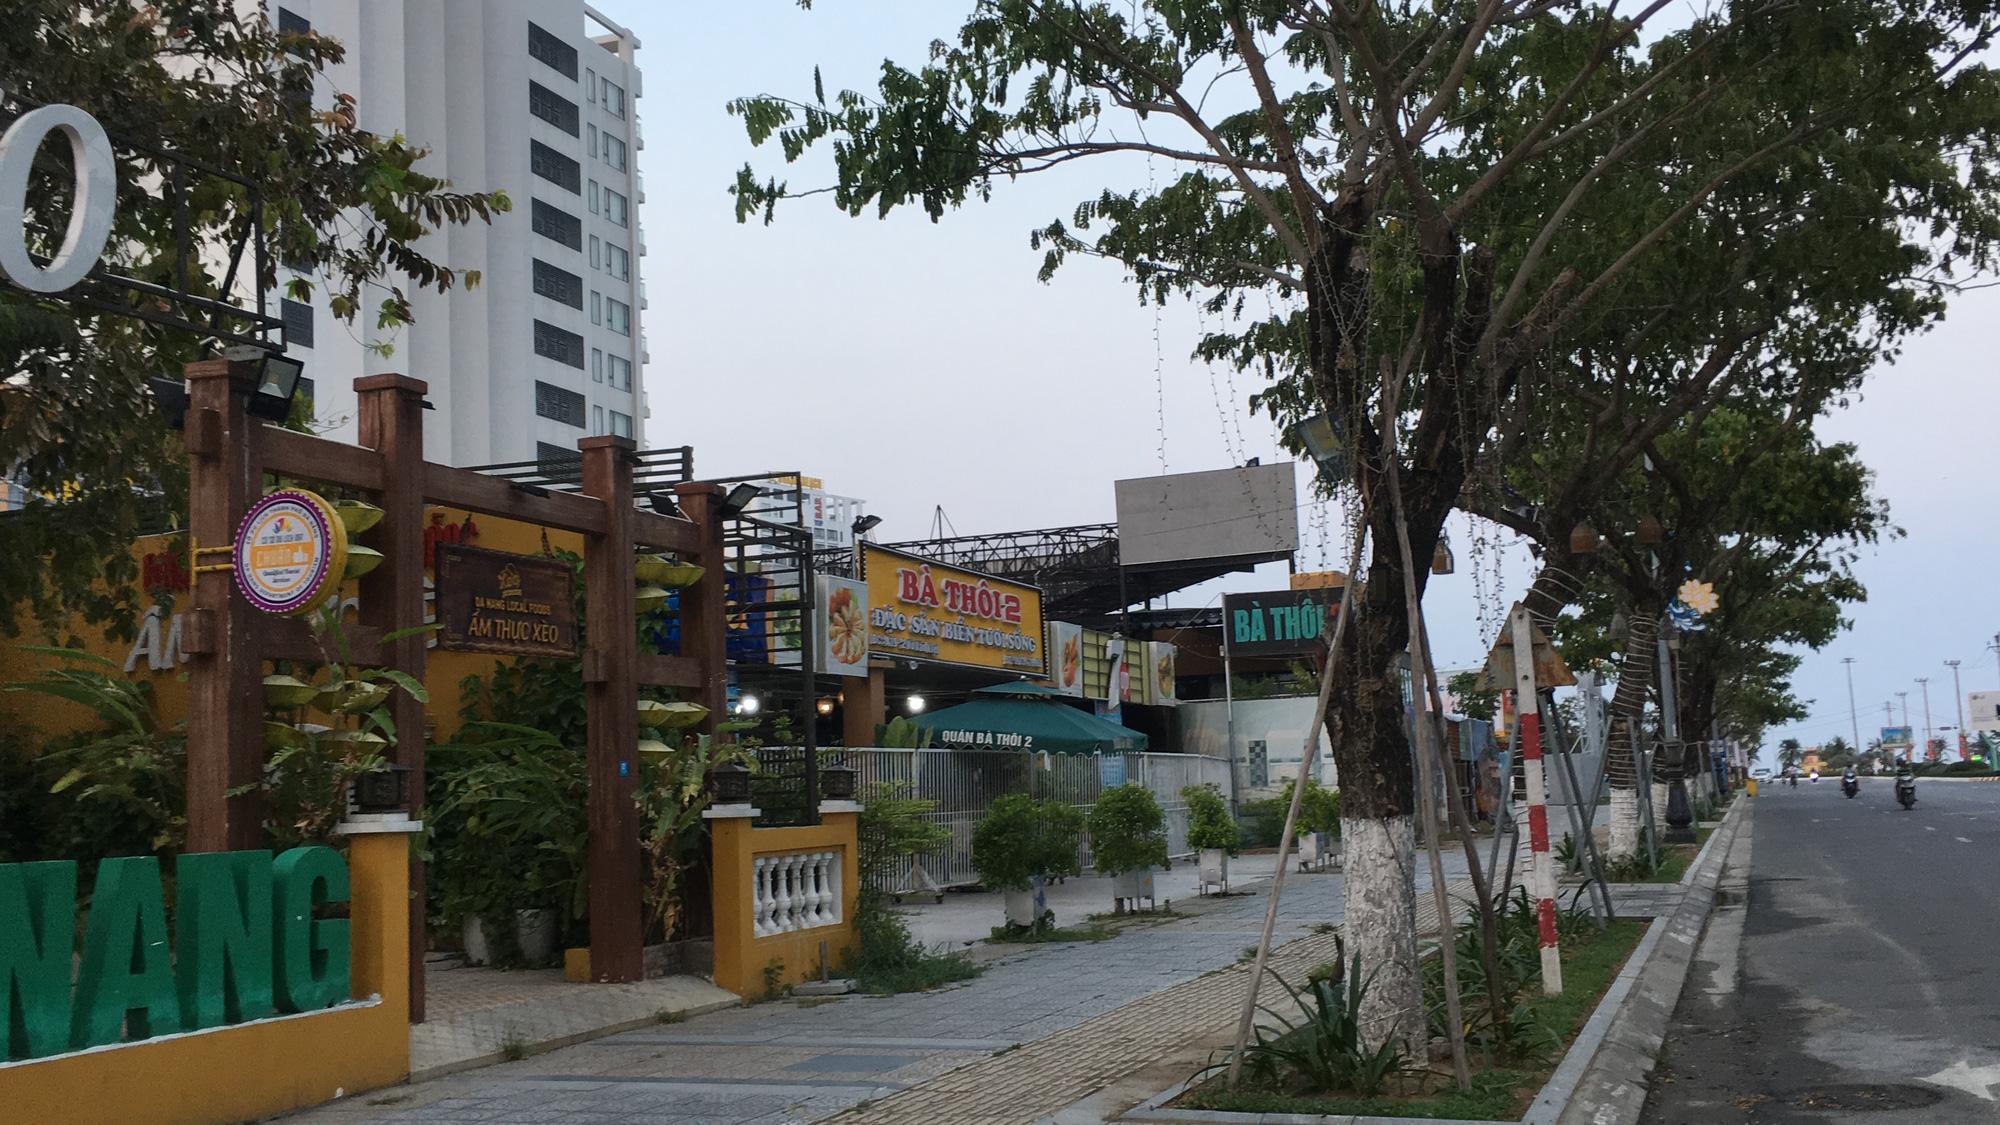 Ven biển Đà Nẵng bị rào chắn hơn 1km, các dịch vụ ngừng hoạt động hàng loạt để phòng dịch Covid-19 - Ảnh 14.